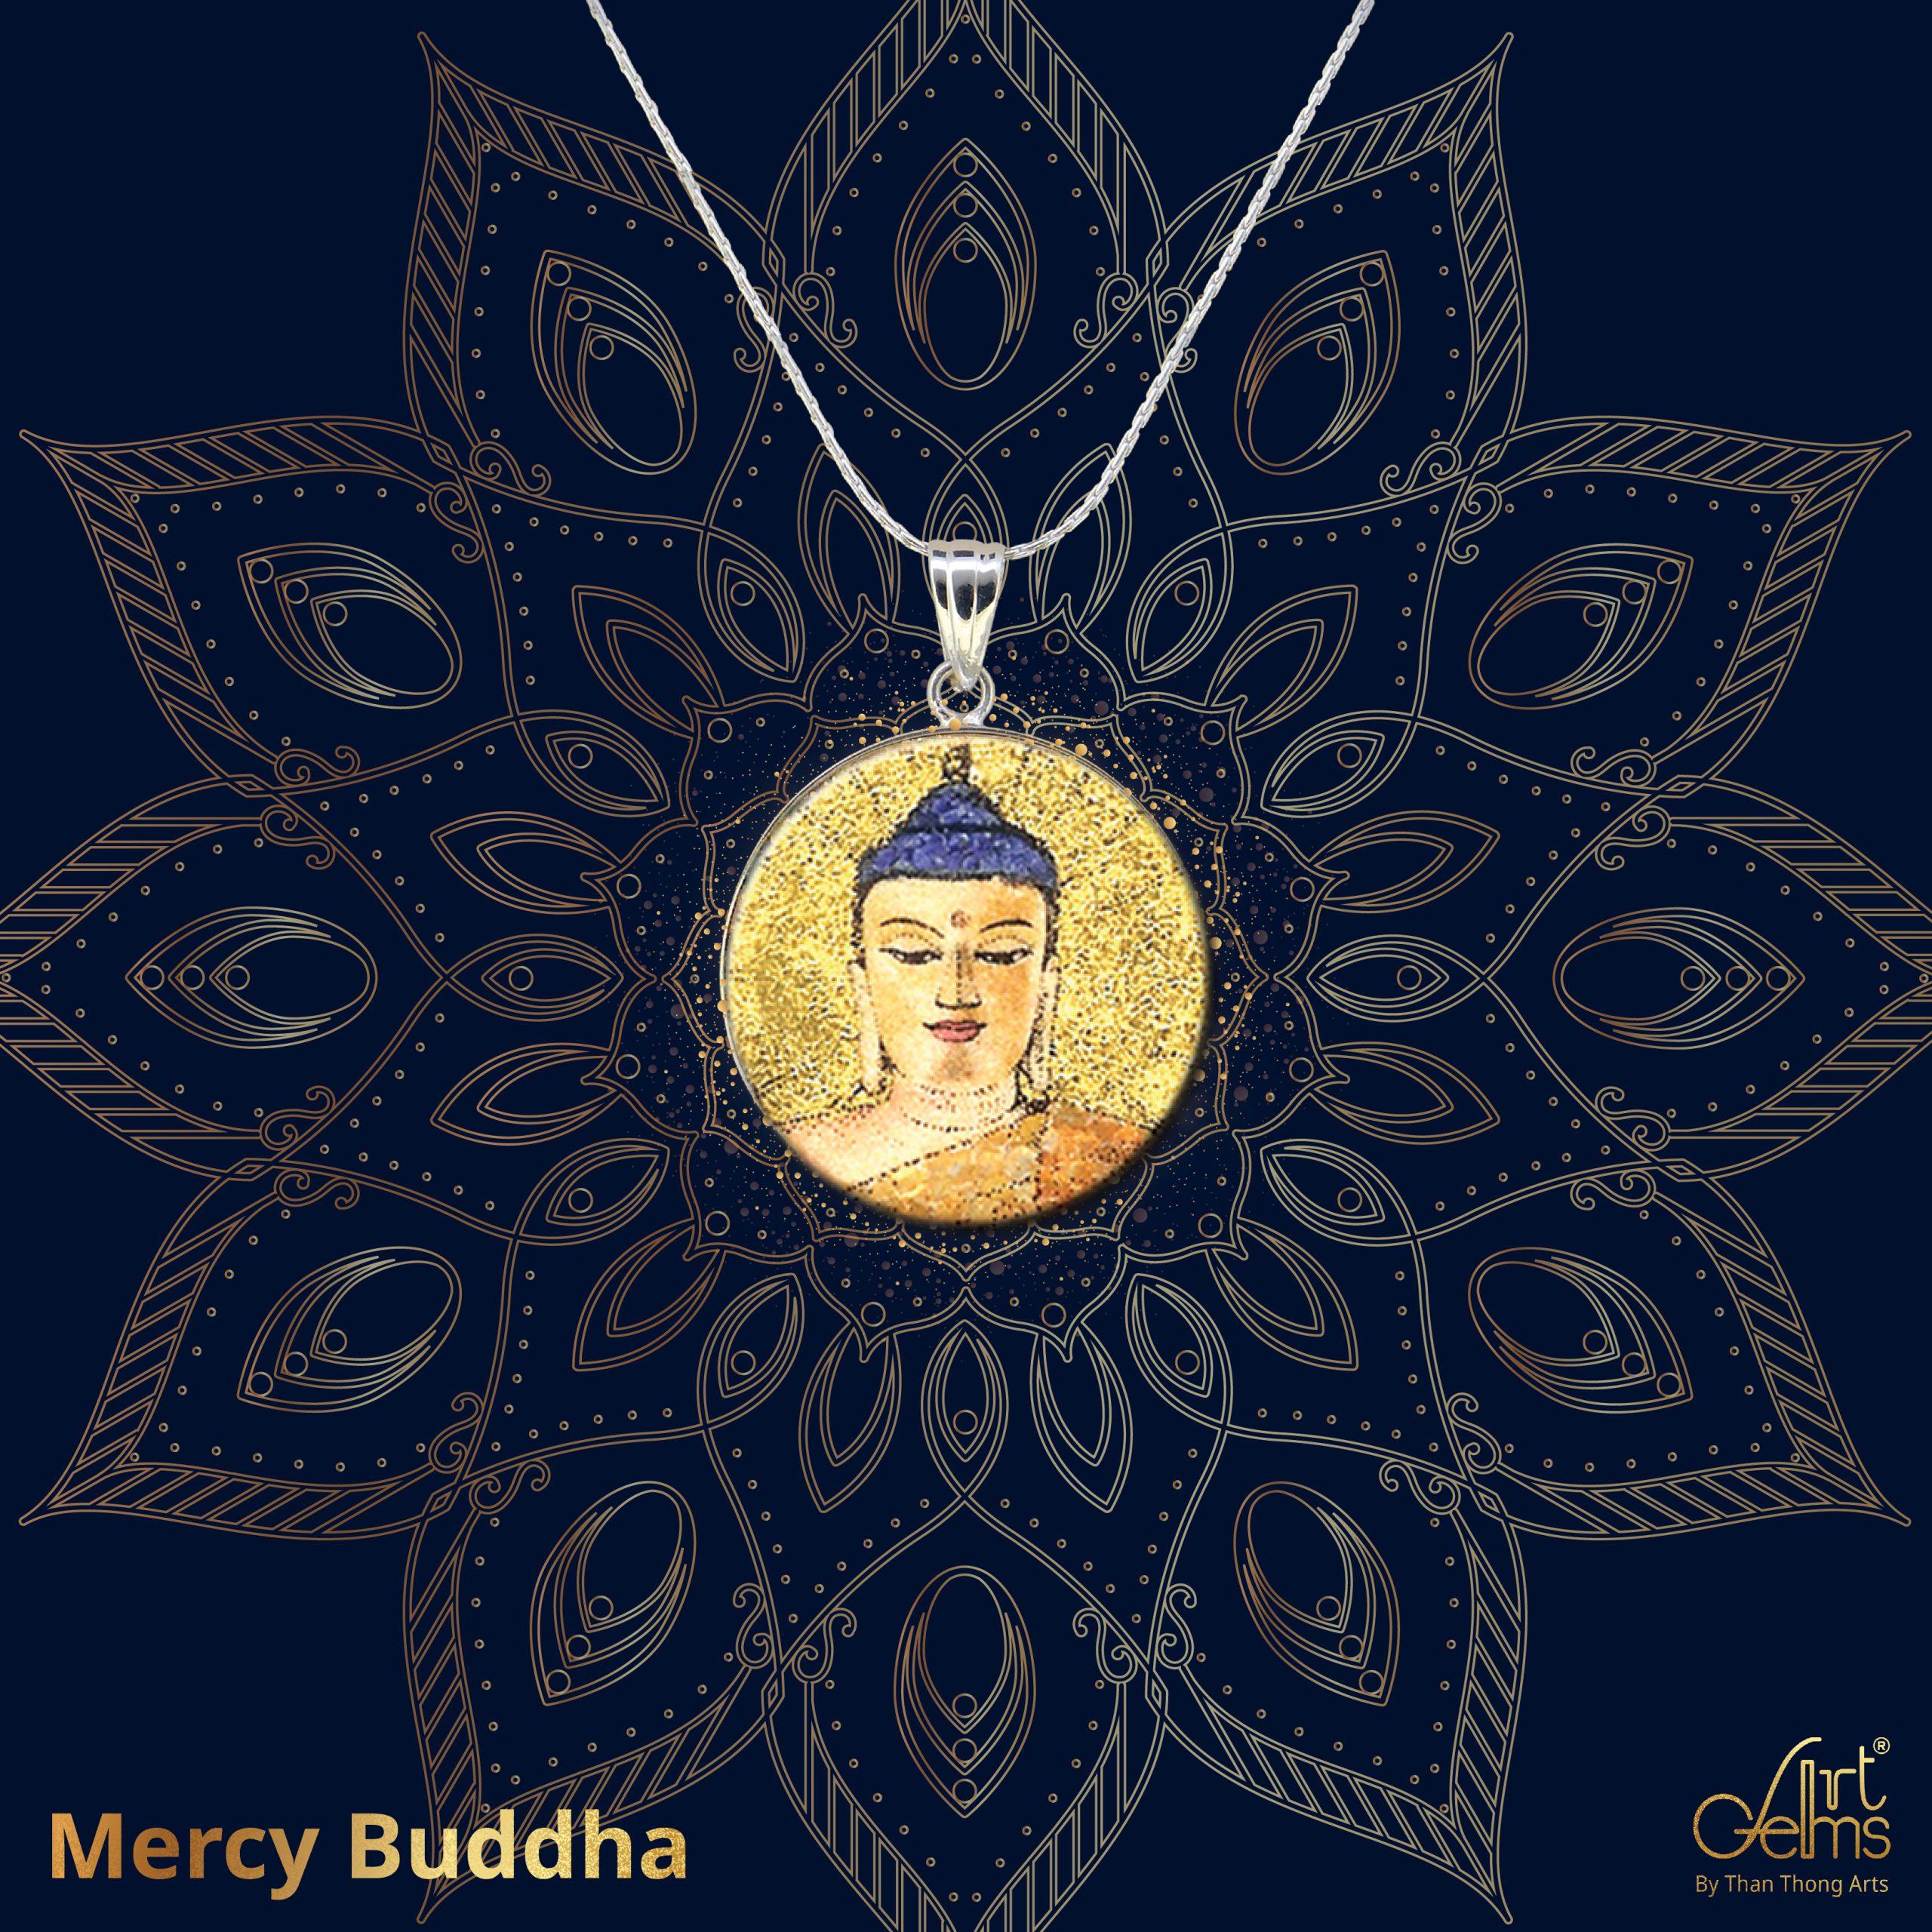 'พระพุทธเมตตา' (Mercy Buddha) : พลังแห่งเมตตาอันศักดิ์สิทธิจากพระพุทธคุณ ที่มาของปางชนะมาร